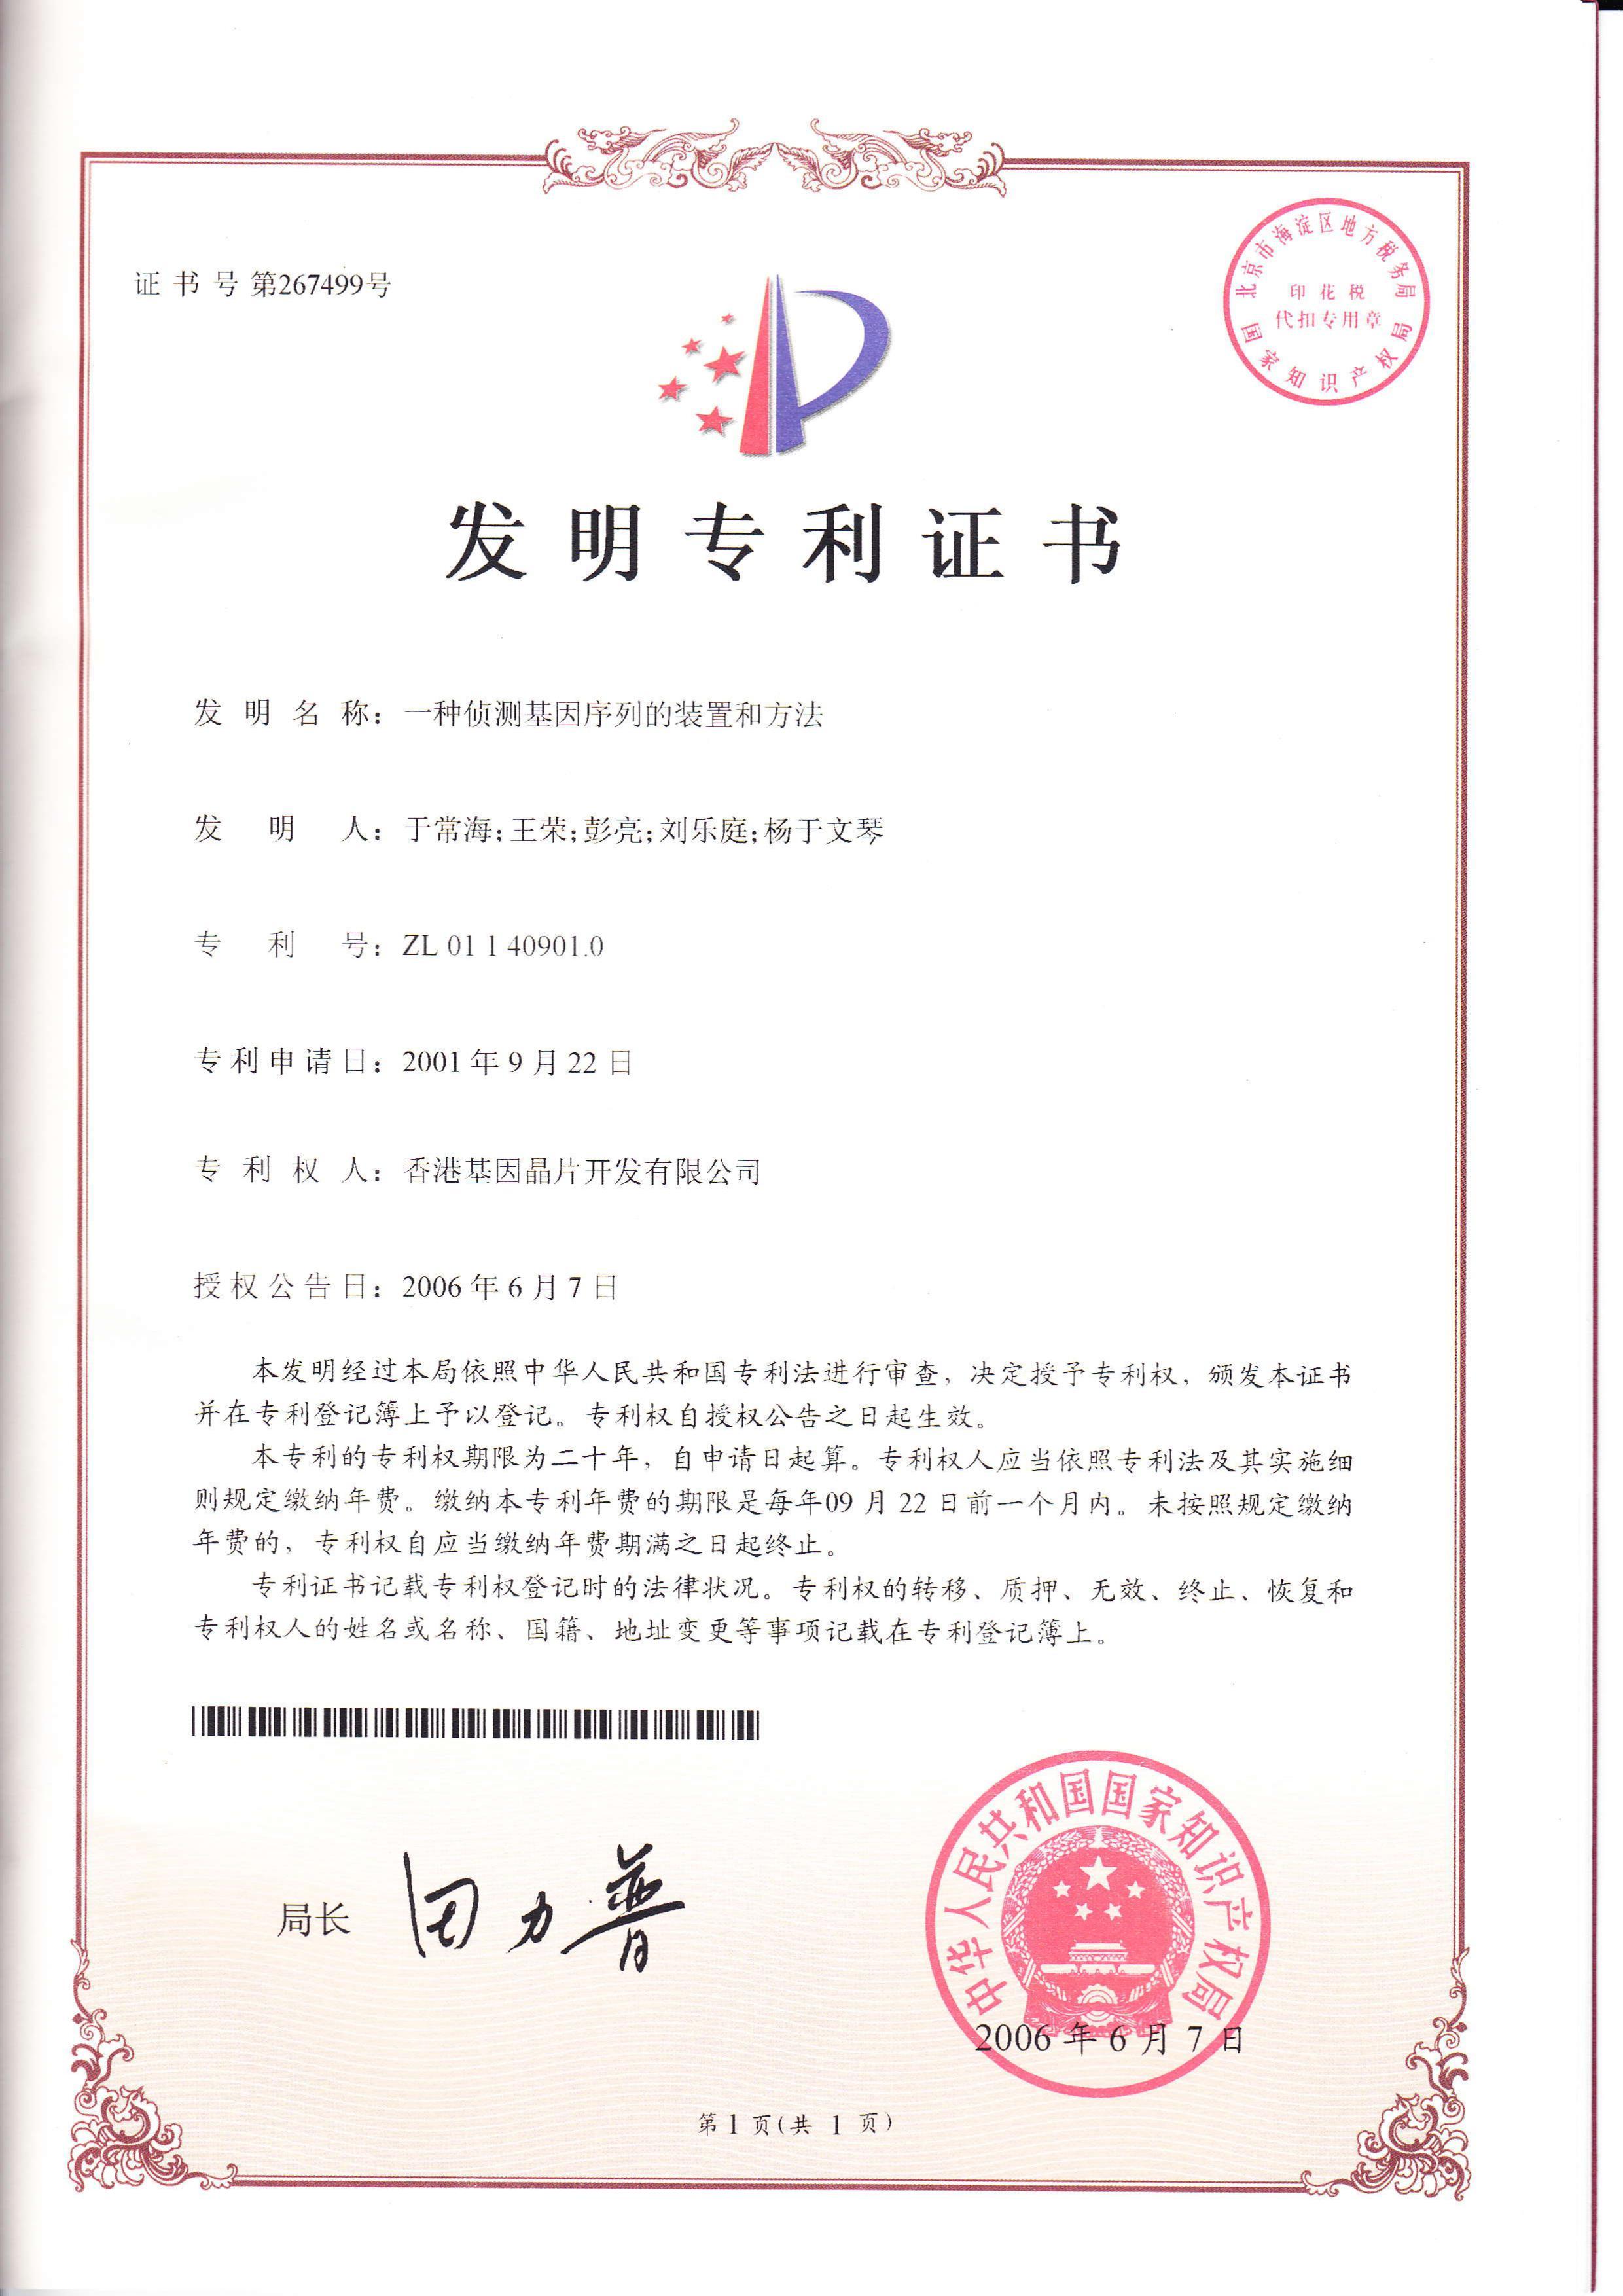 ZL 01 1 40901.0 xinpian